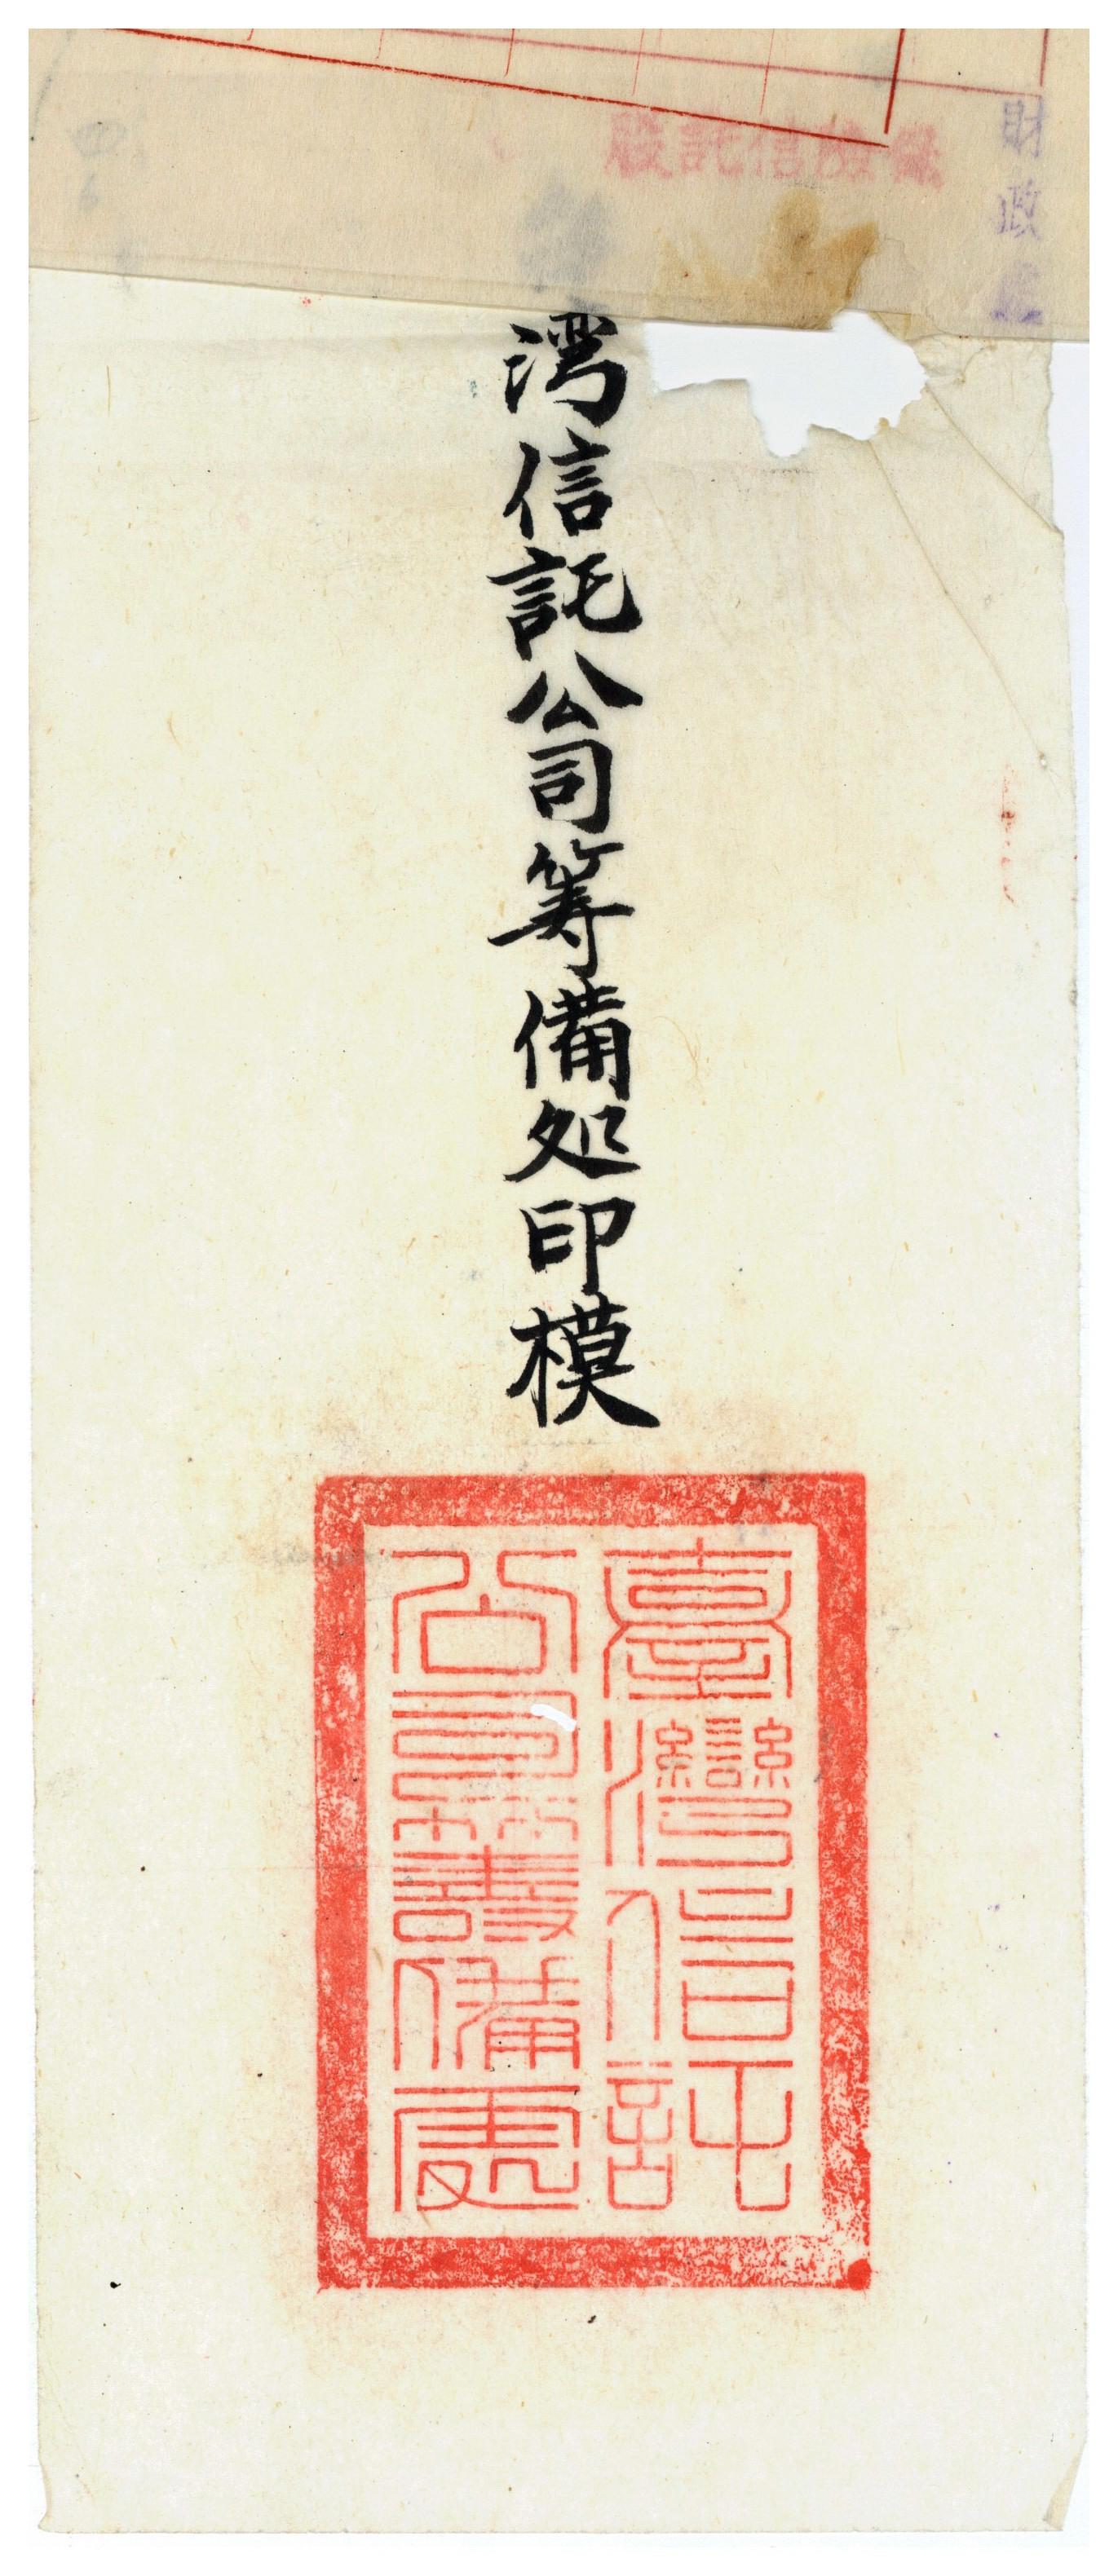 圖5:臺灣信託公司籌備處臨印模(資料來源:臺灣省級機關檔案00400212004006)